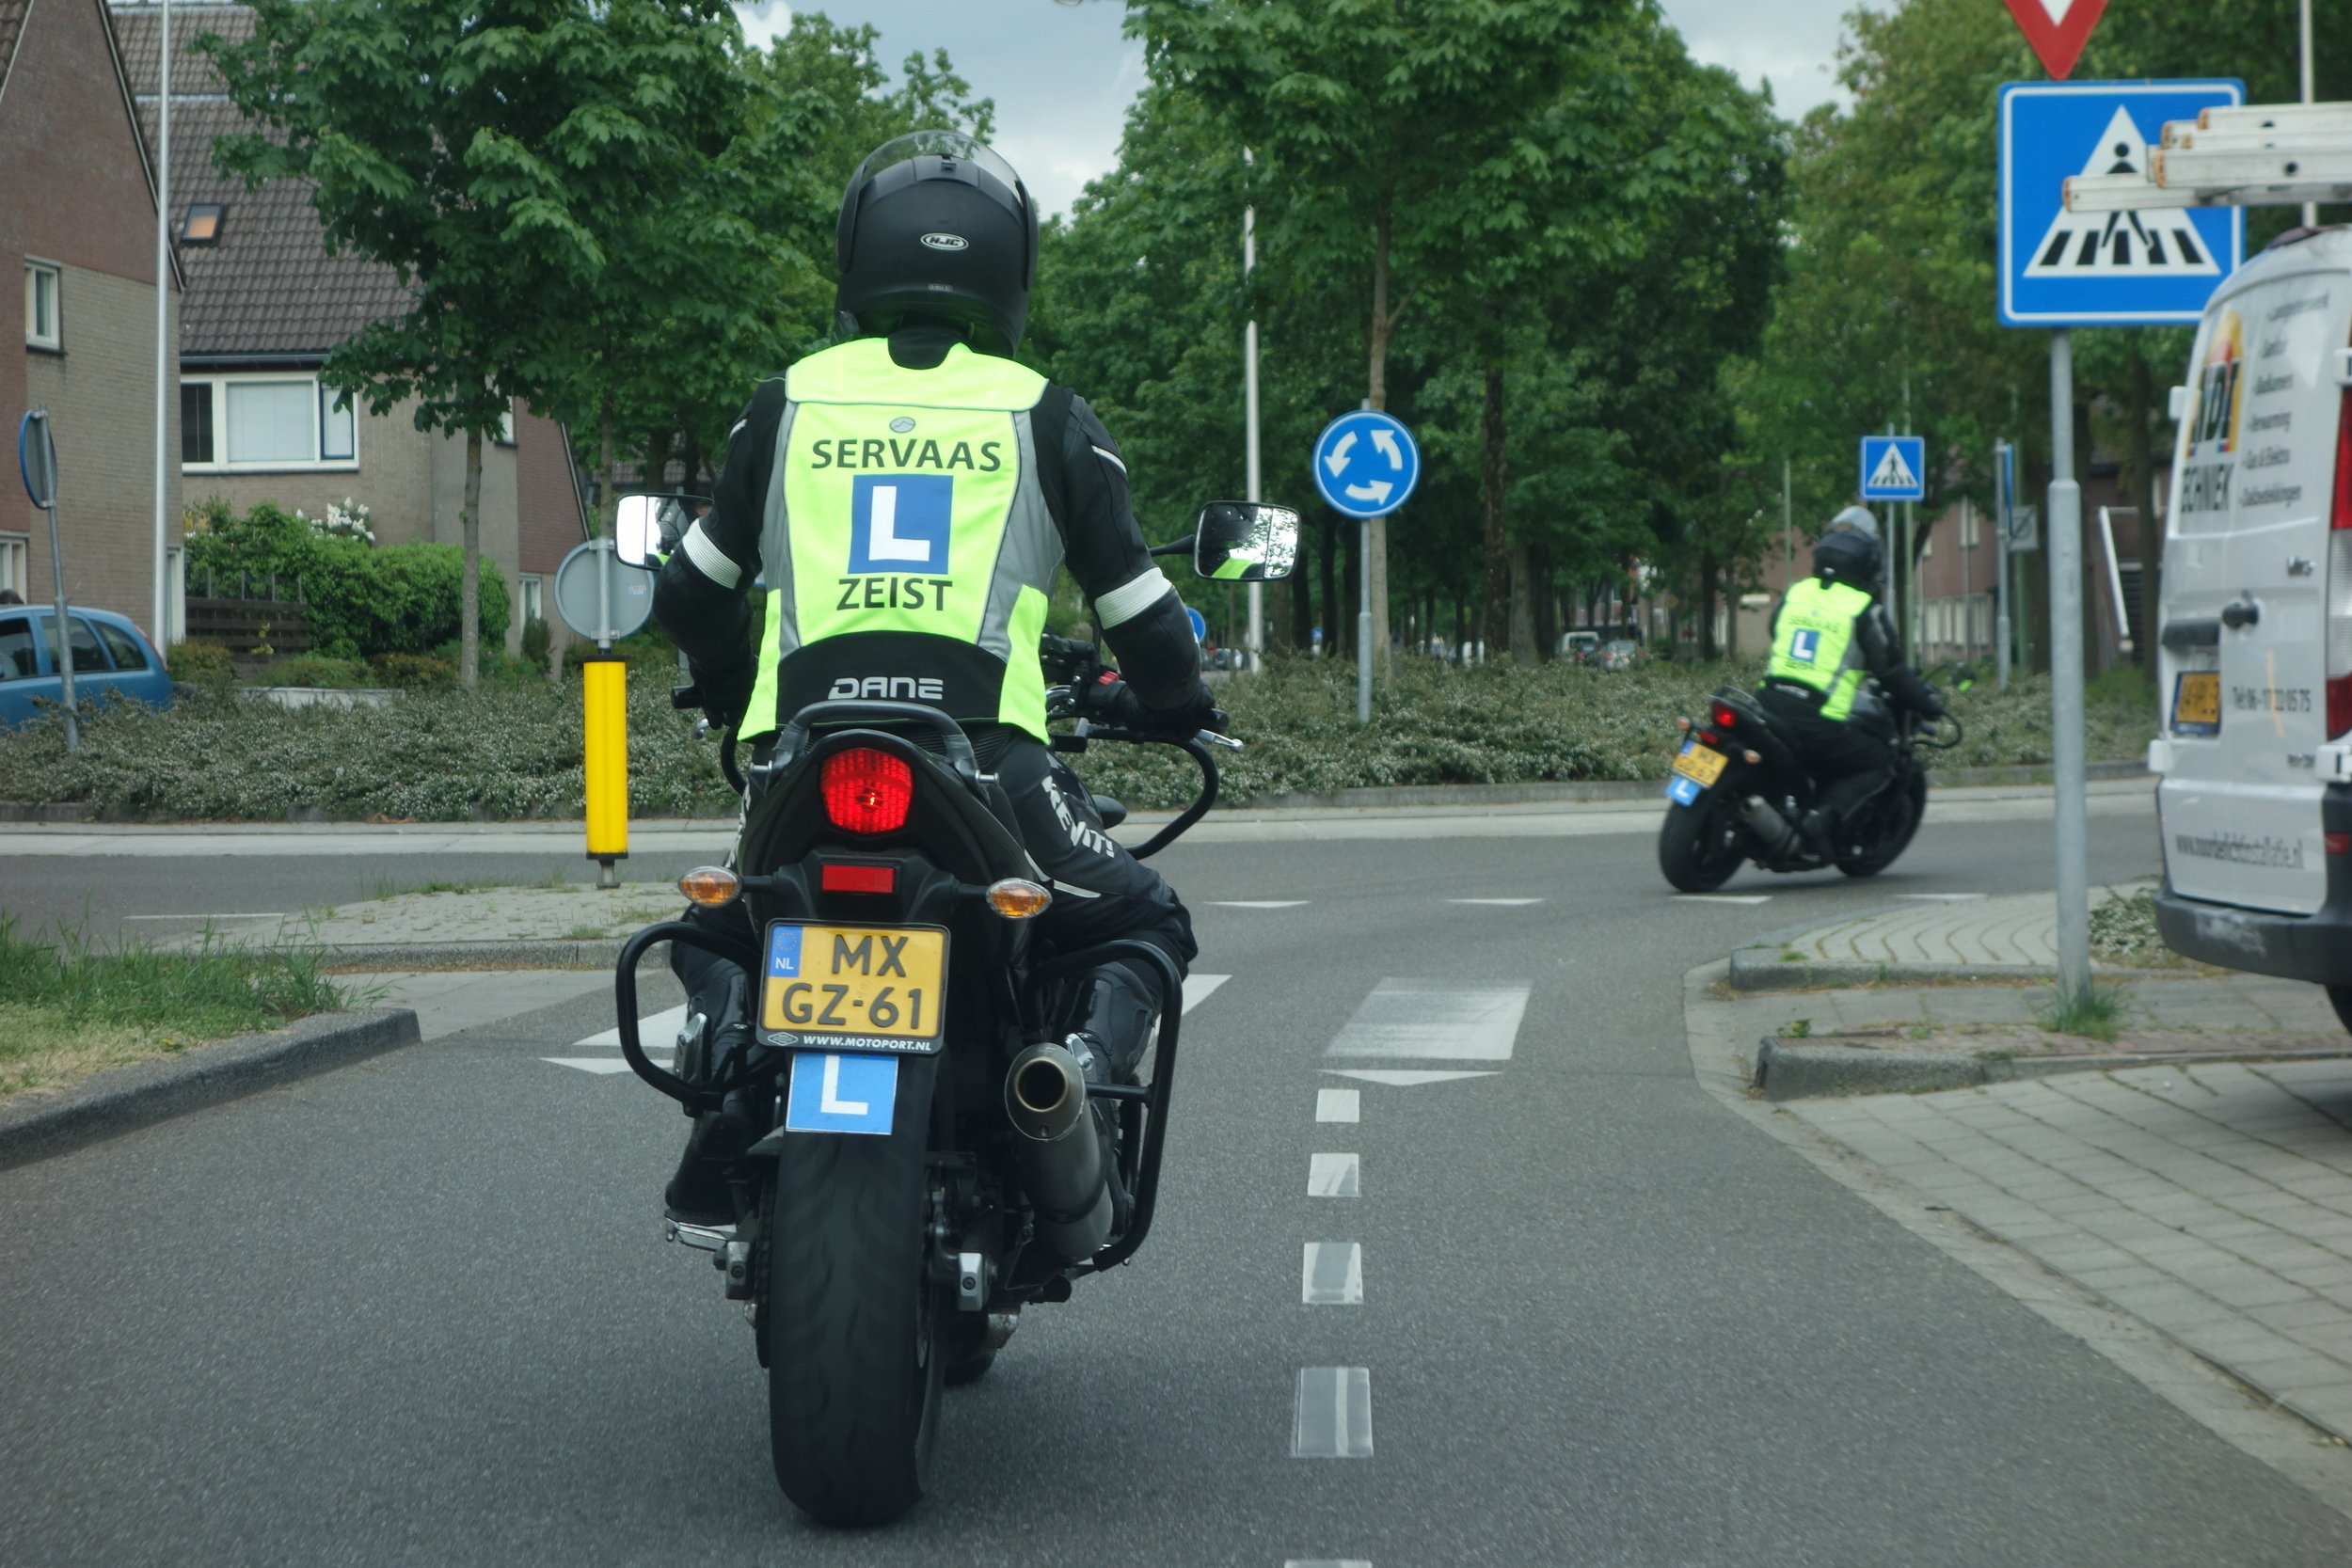 Motorrijles van Rijschool Servaas in Zeist